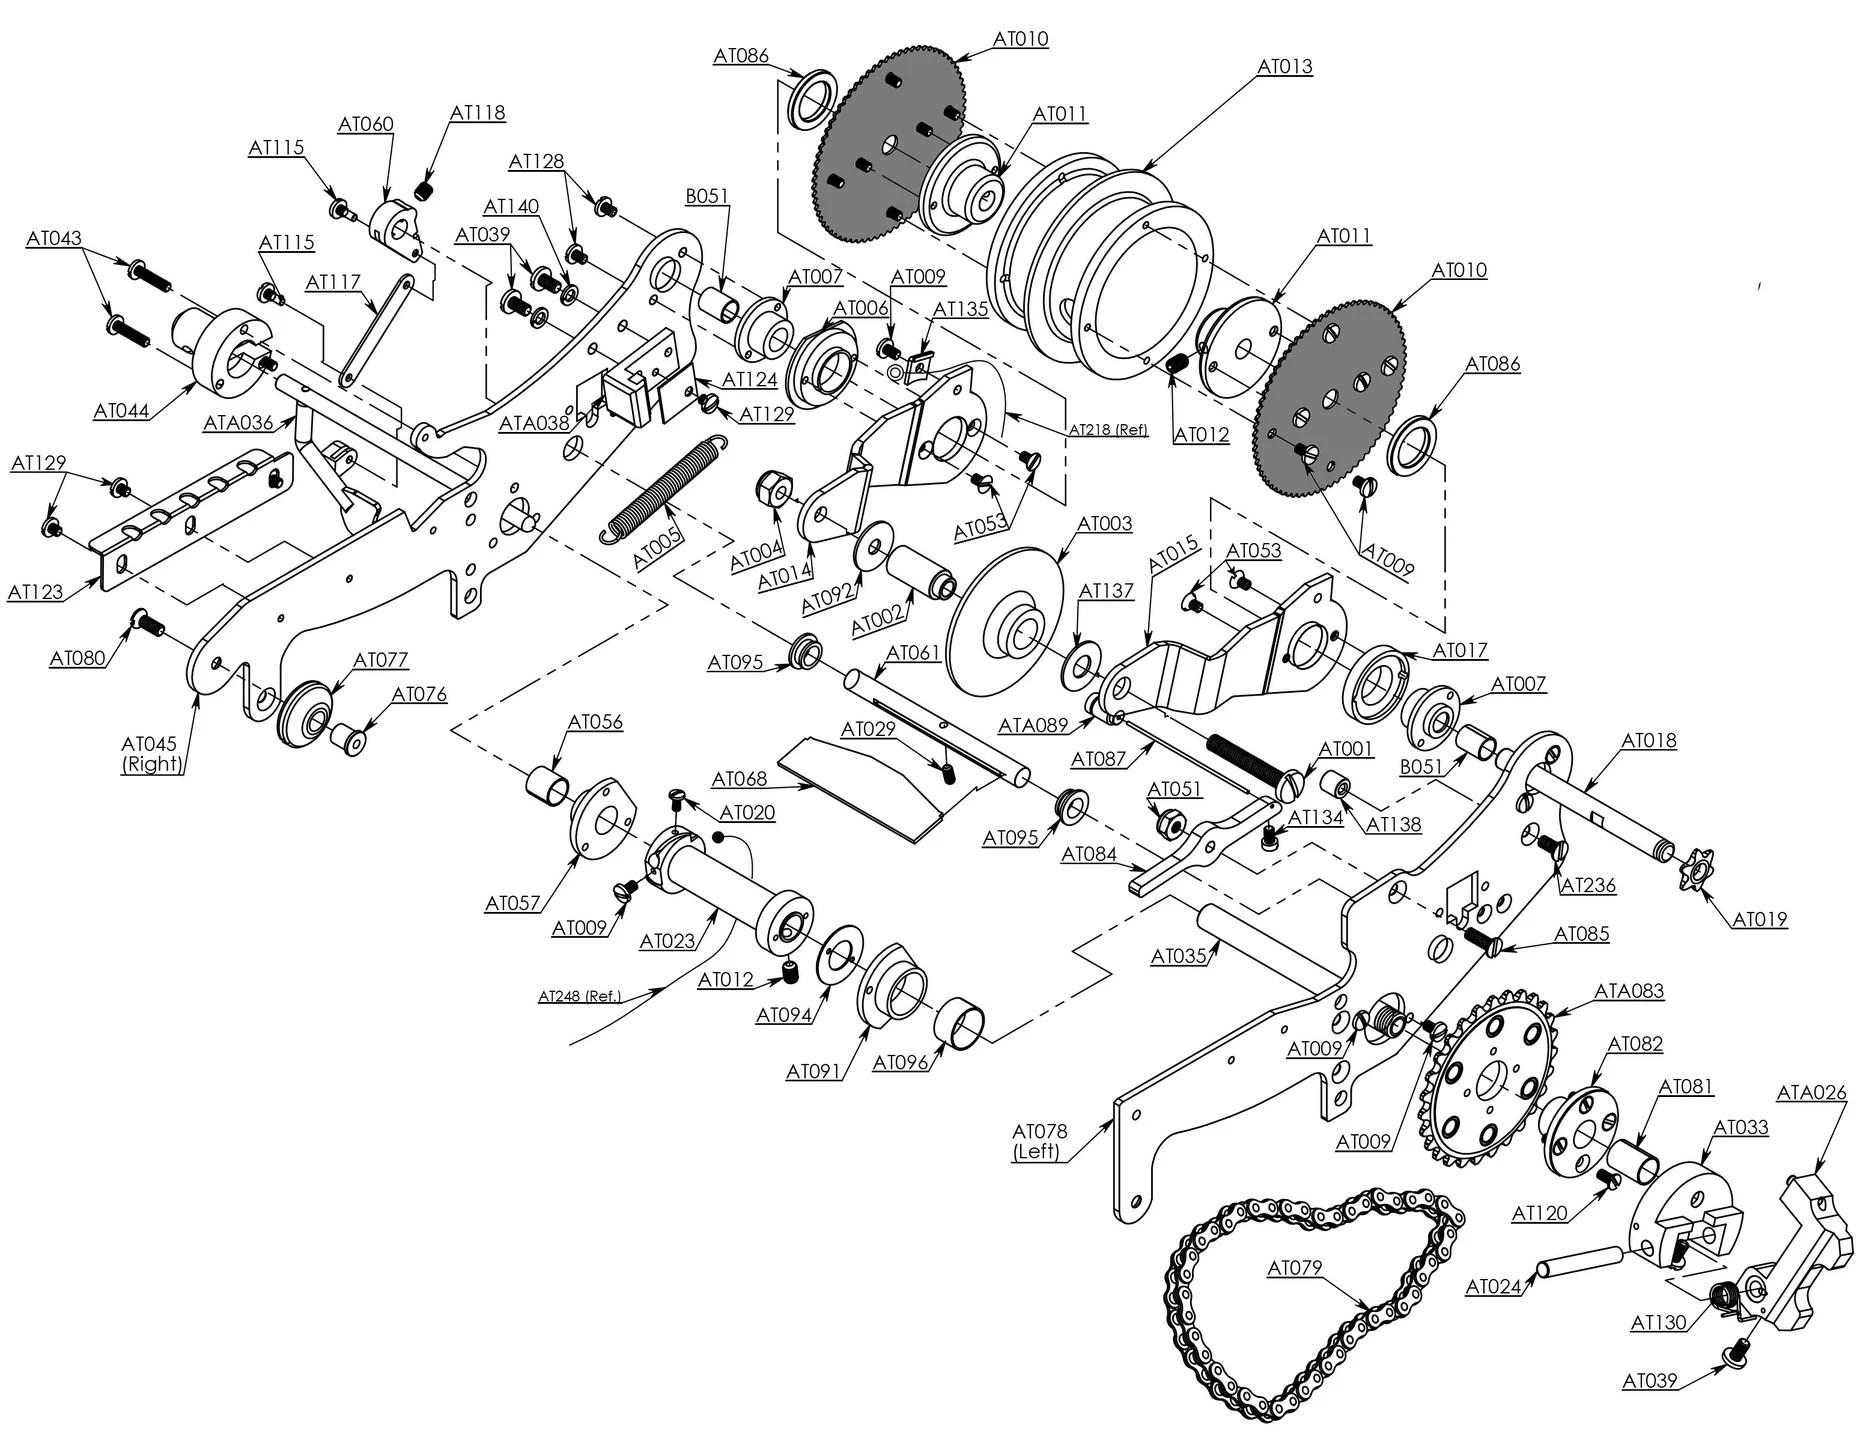 At Taper Upper Head Parts Diagram